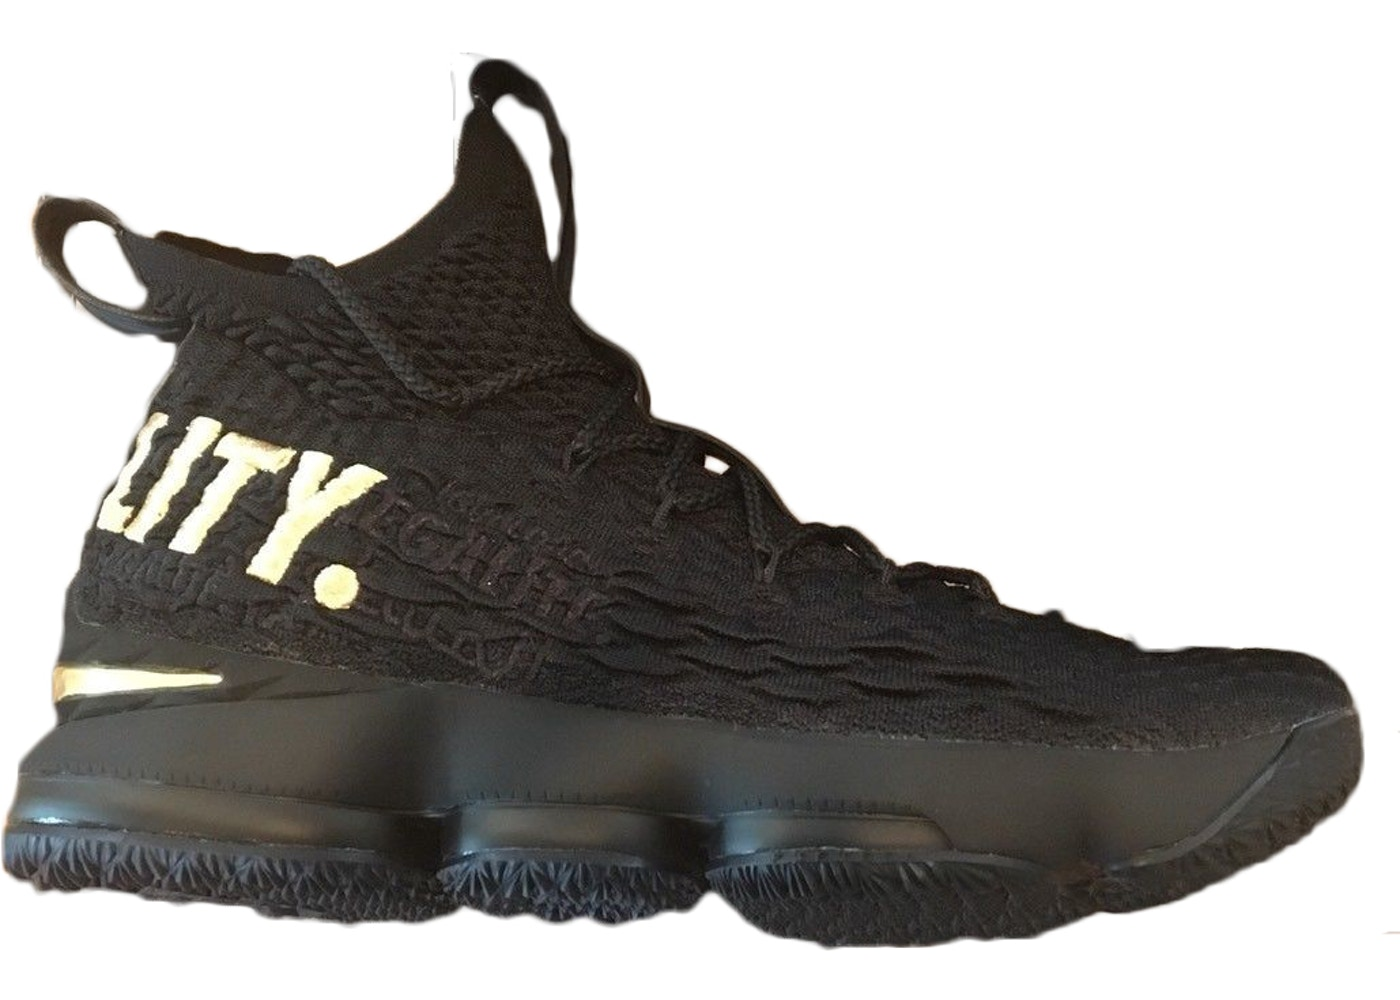 756a755ca41 Nike LeBron 15